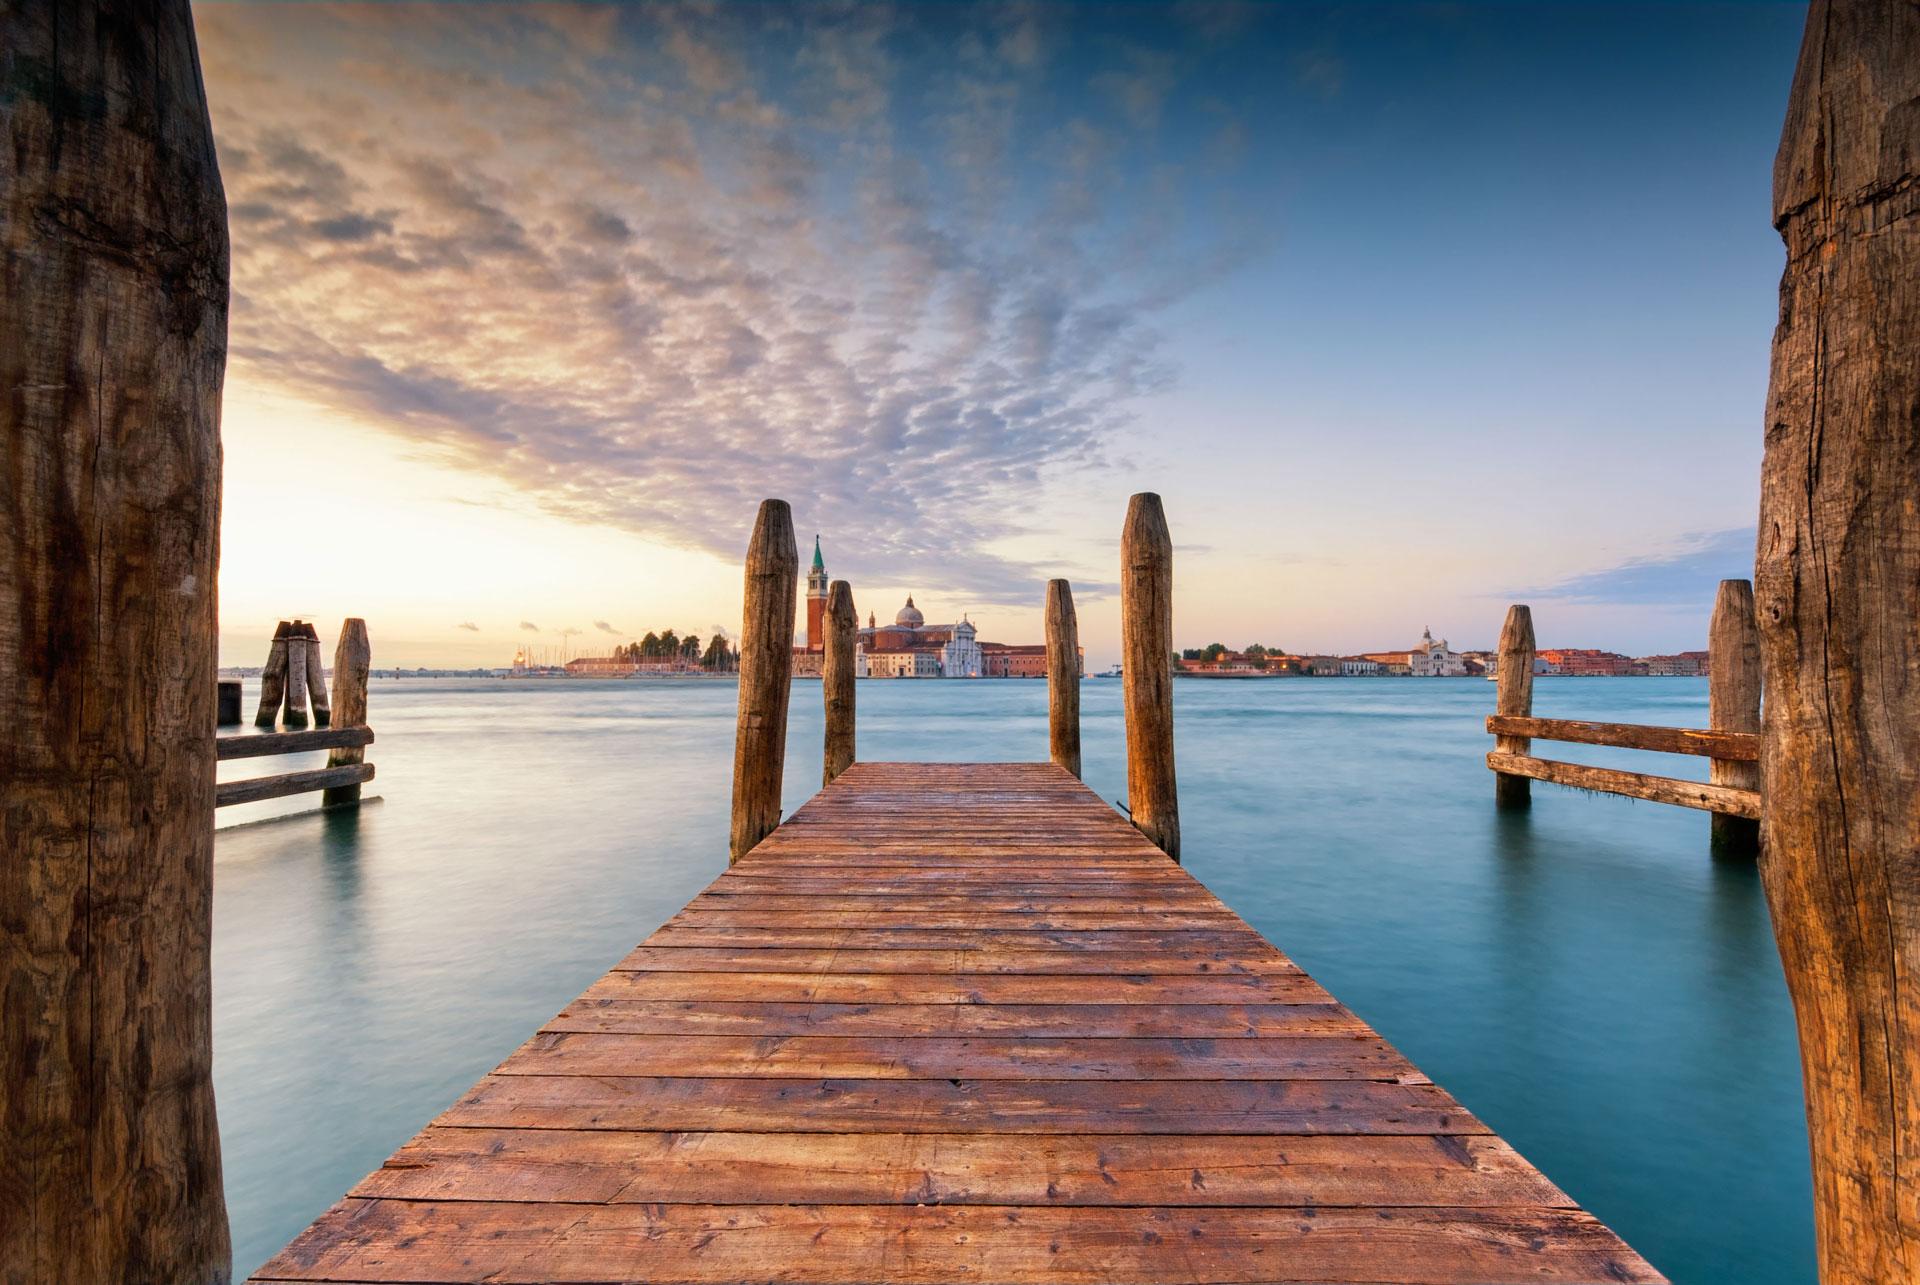 The bricola in Venice